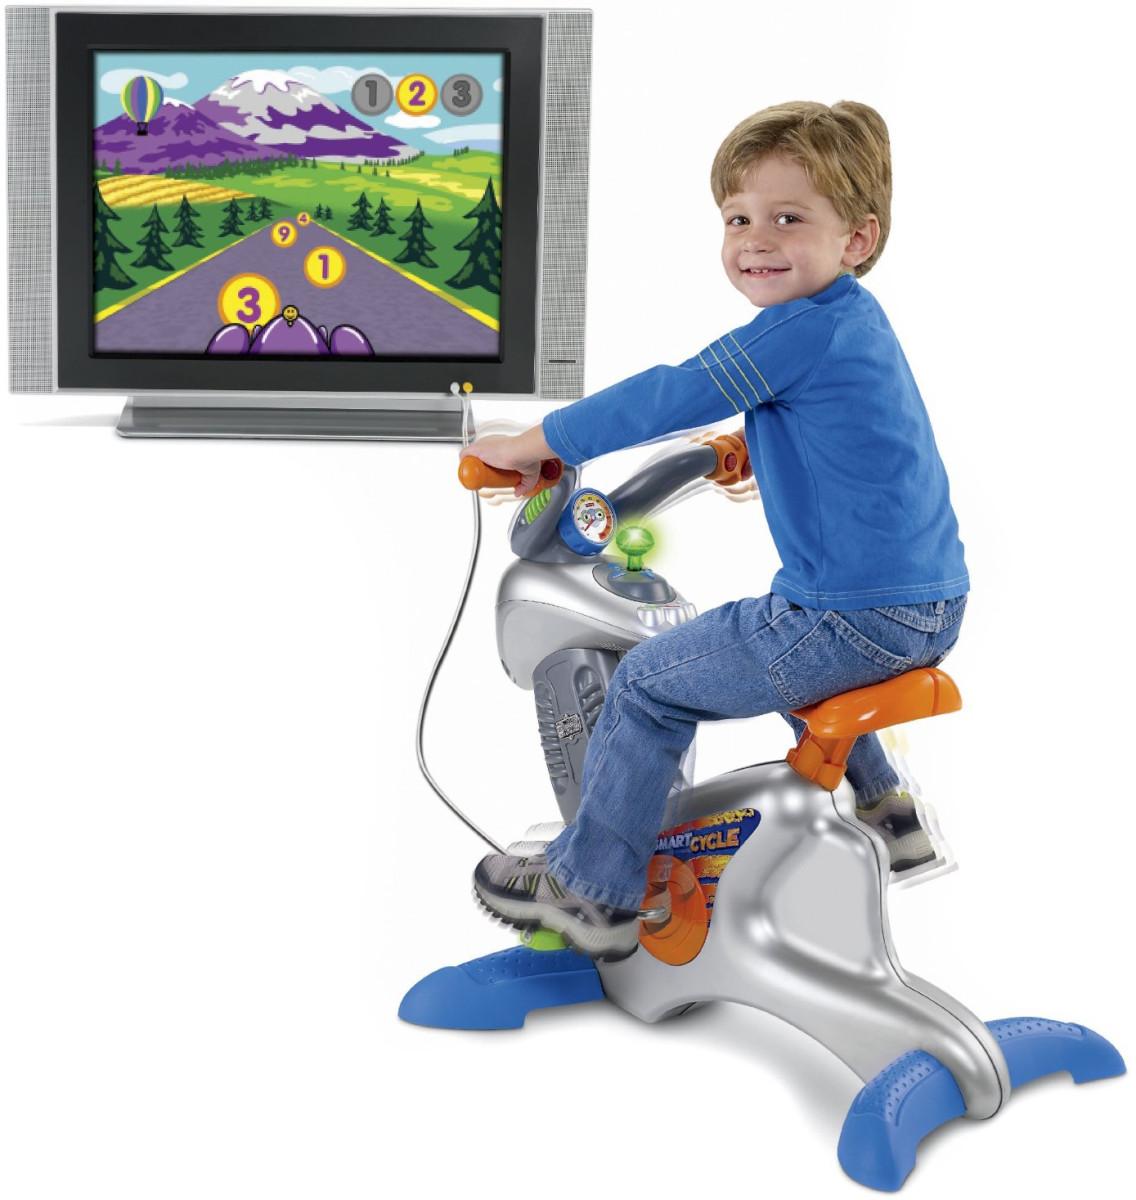 Kids Exercise Bikes For Children Junior Stationary